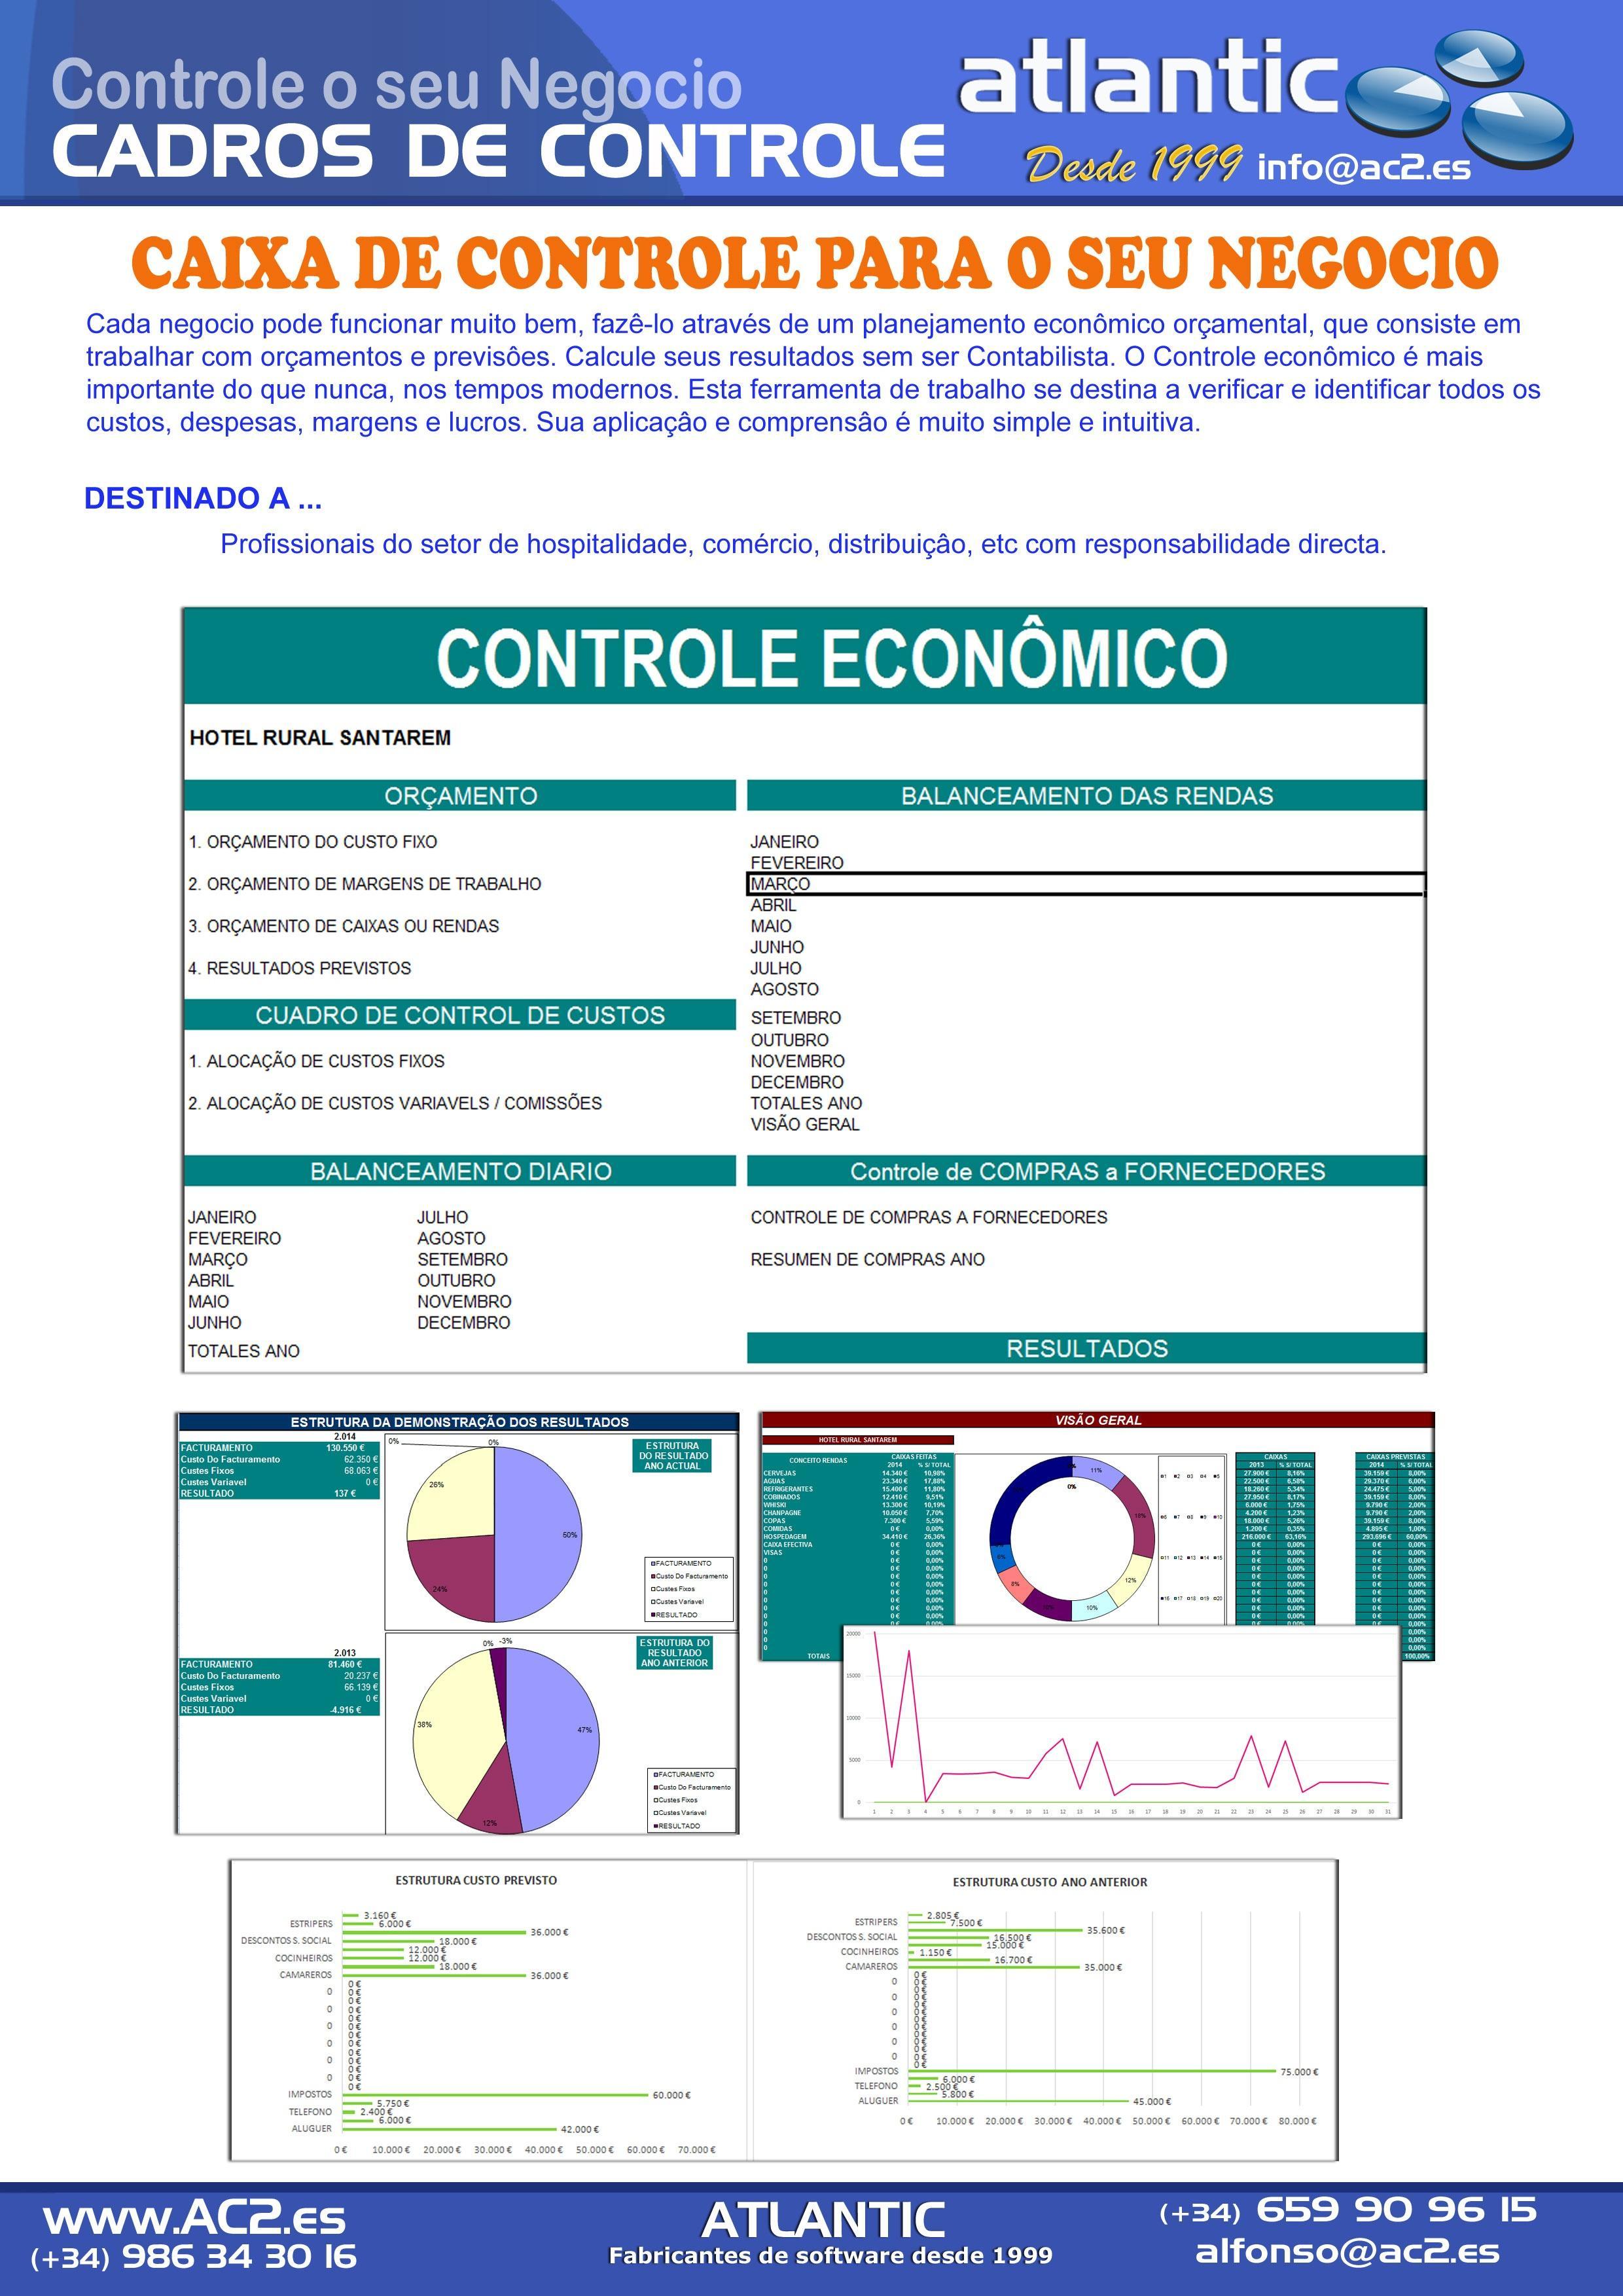 Cadros-Controle-Portugal